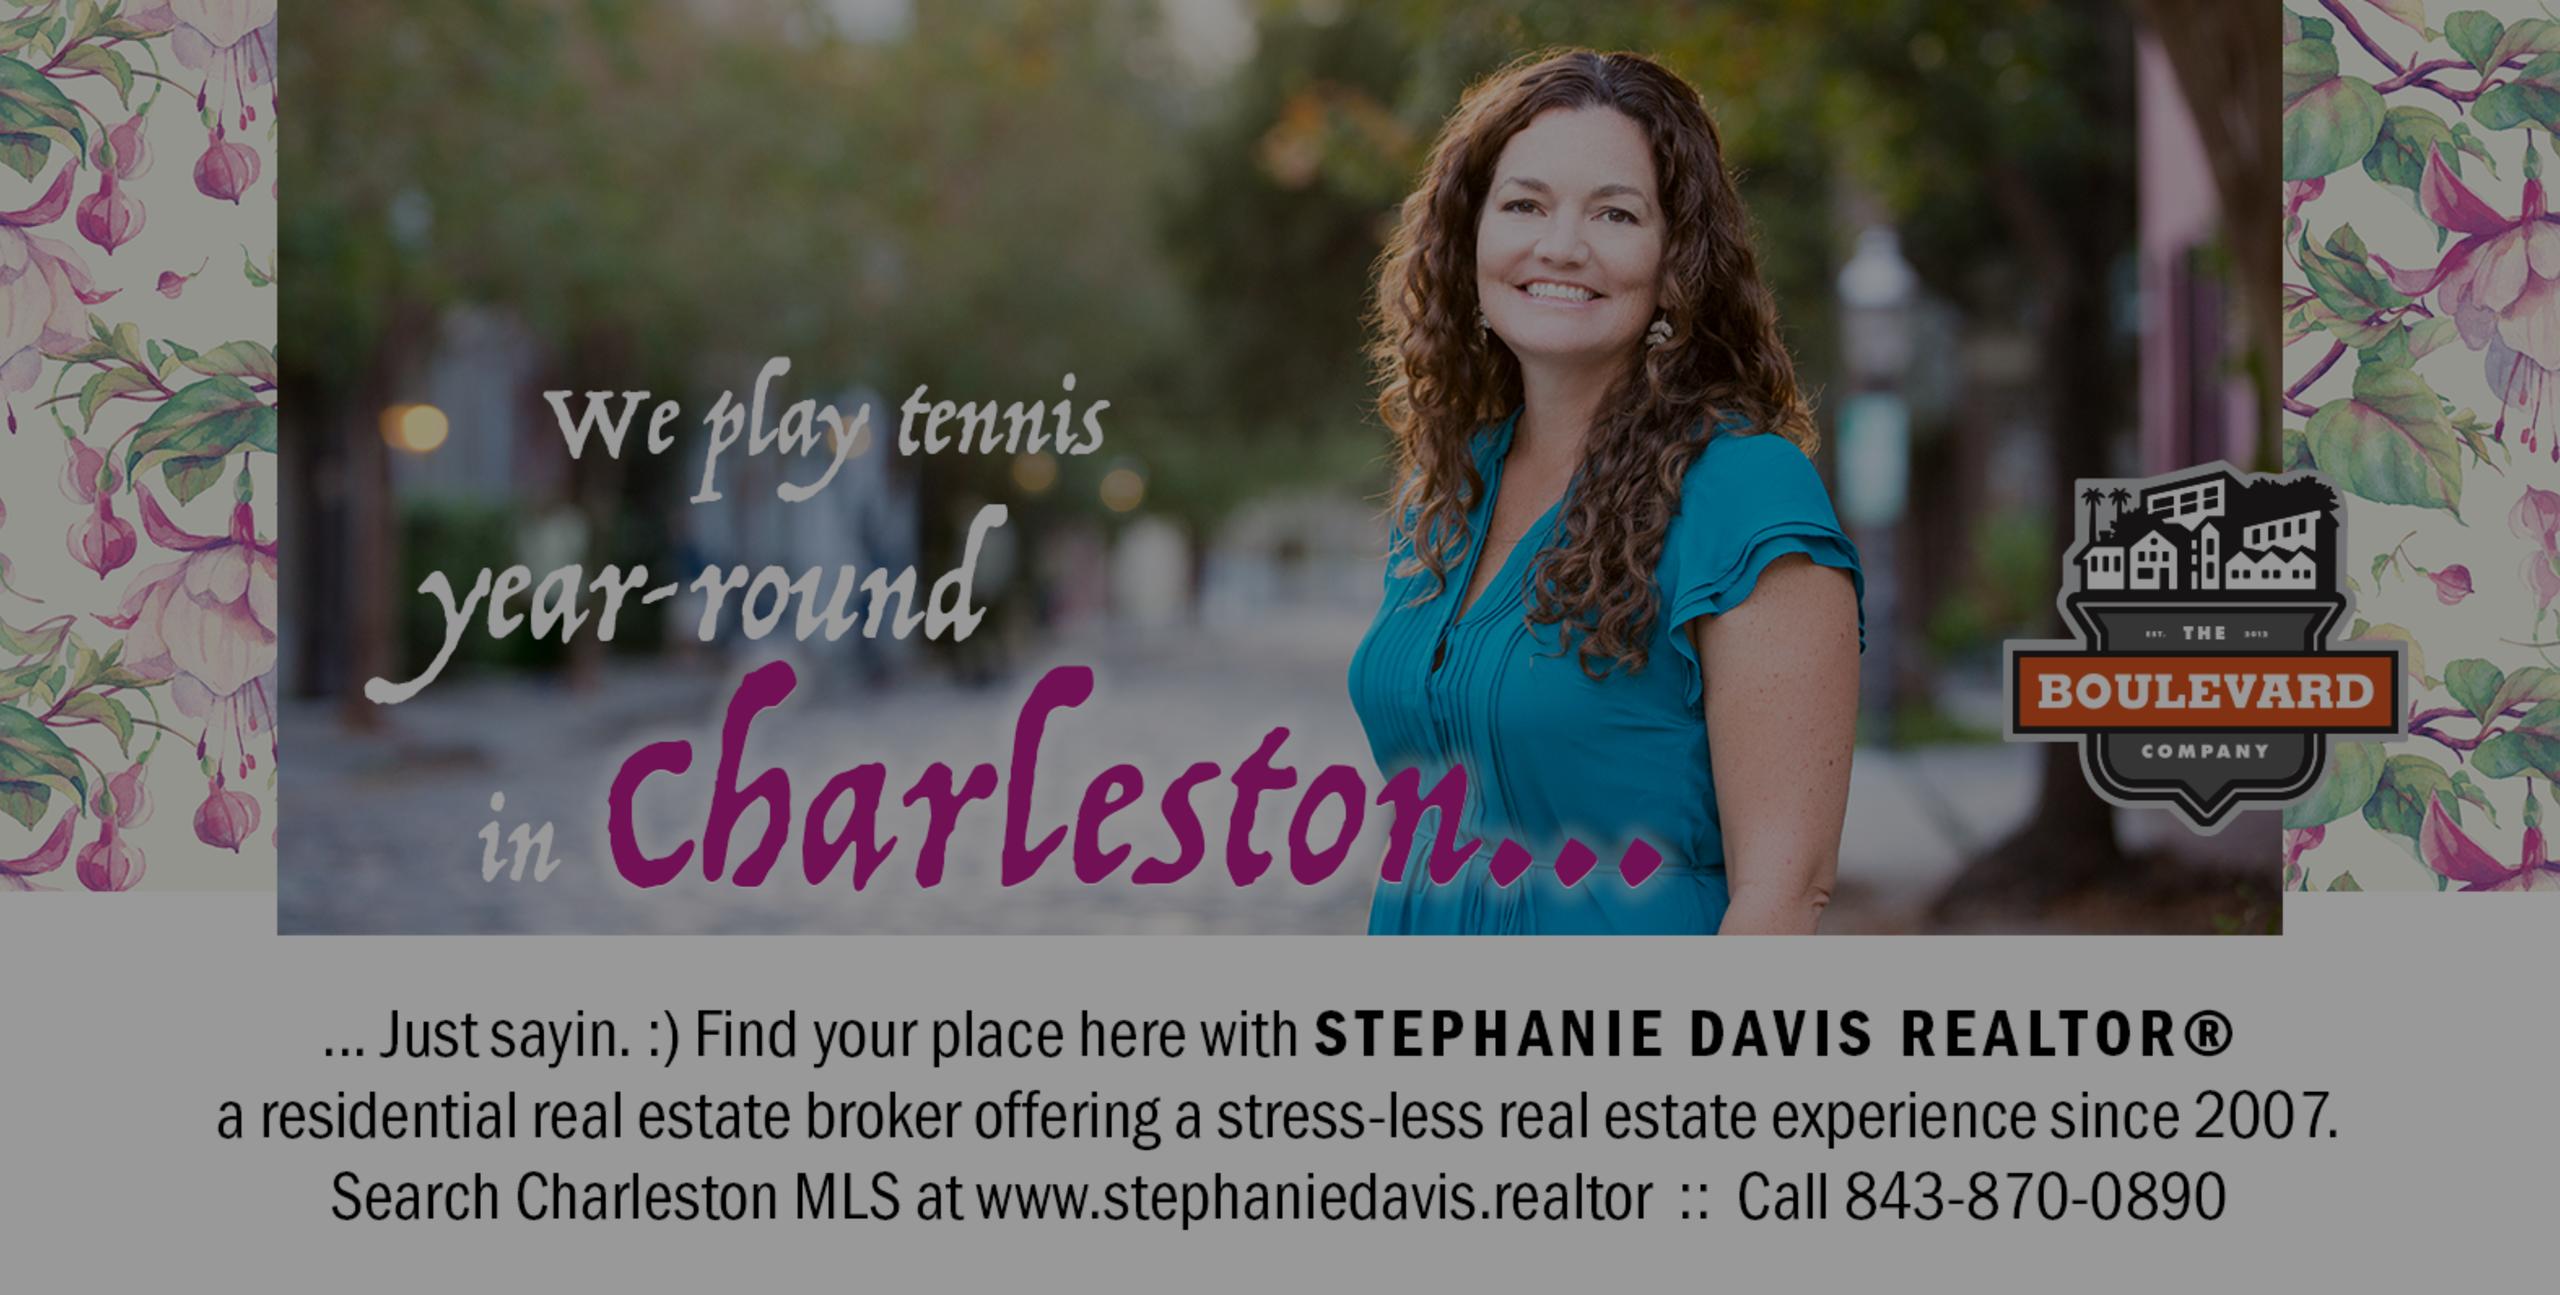 We play tennis year-round in Charleston